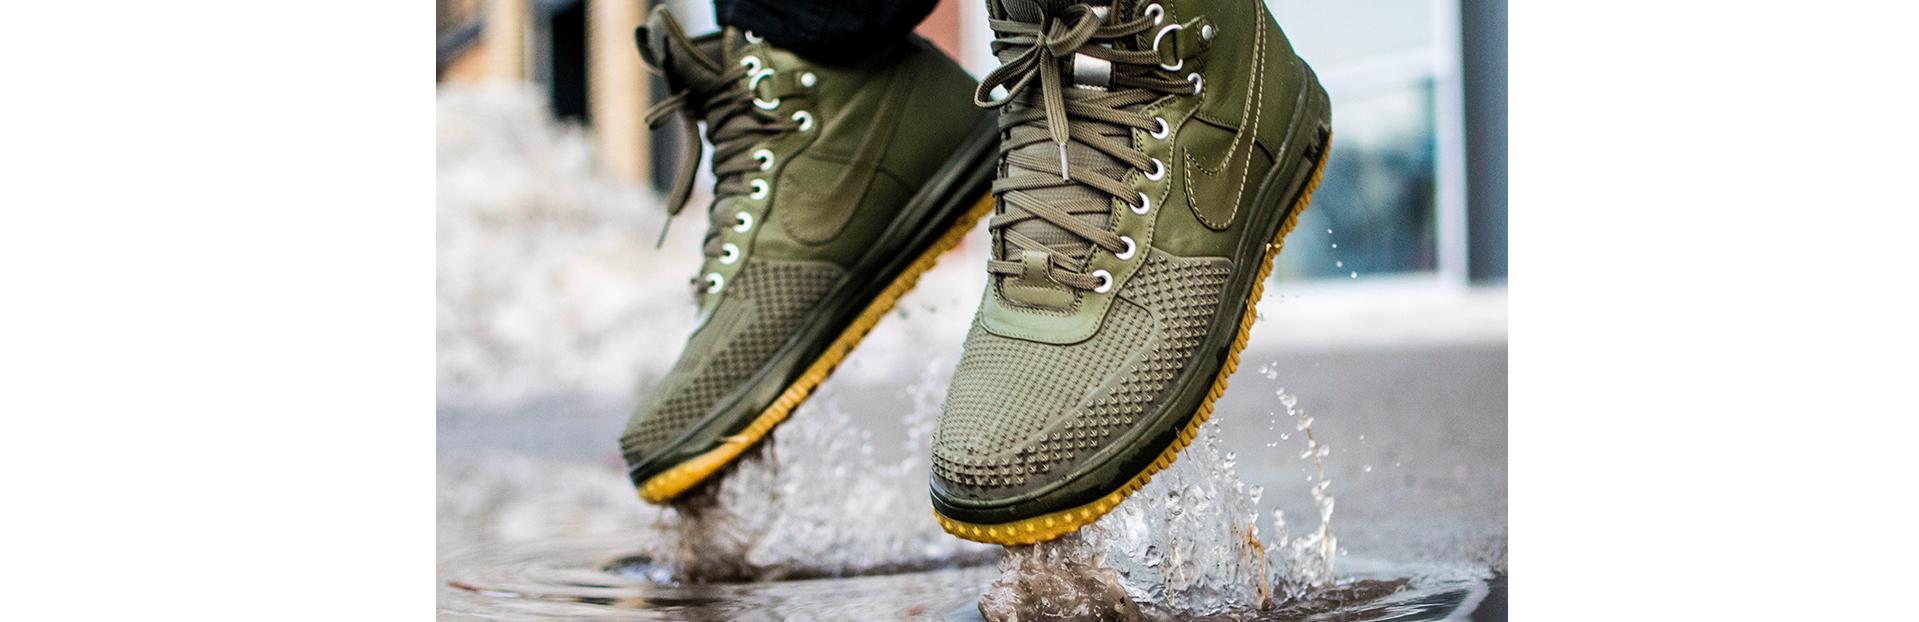 kampanjkoder Bra pålitlig kvalitet Tvätta Skor – Få sneakers & tygskor rena | Afound